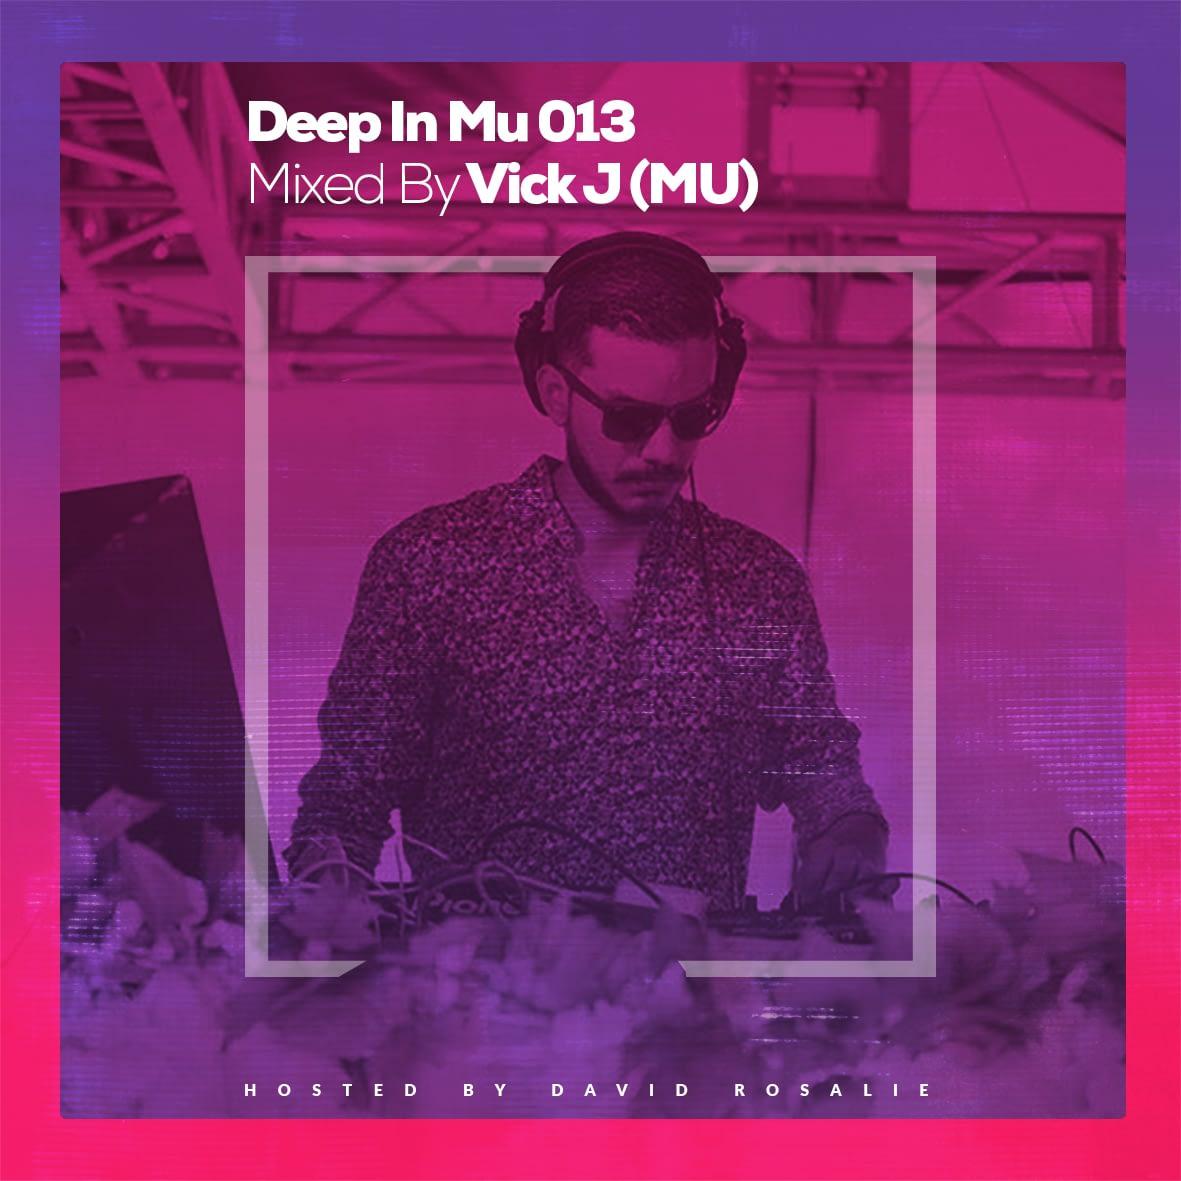 Deep In Mu 013 Mixed By Vick J (MU)